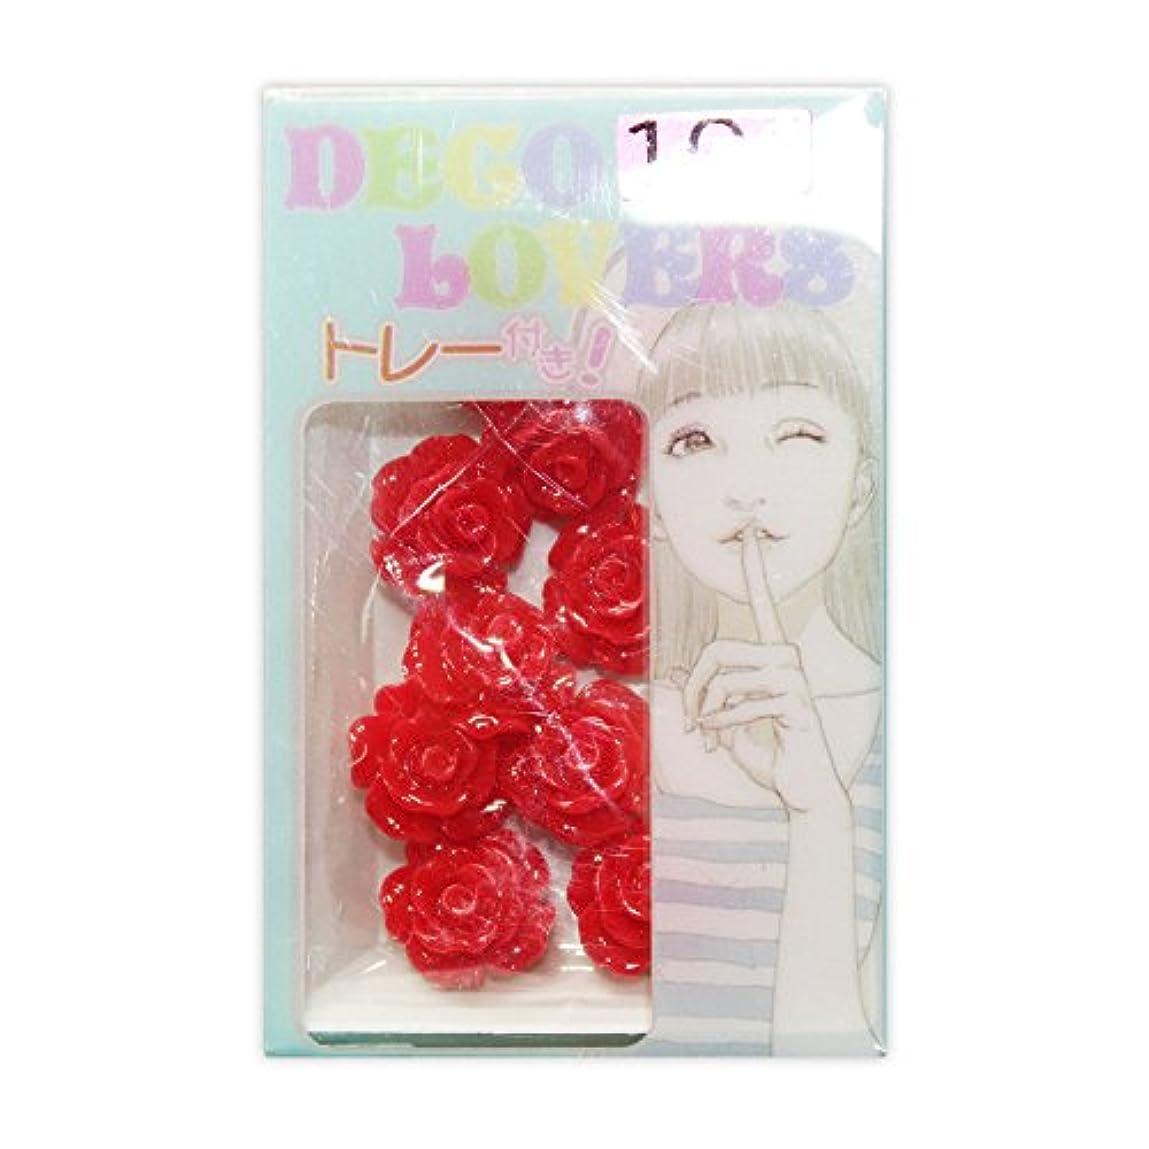 対処ダウンタウンご覧くださいラインストーン DL017/flower rosem red